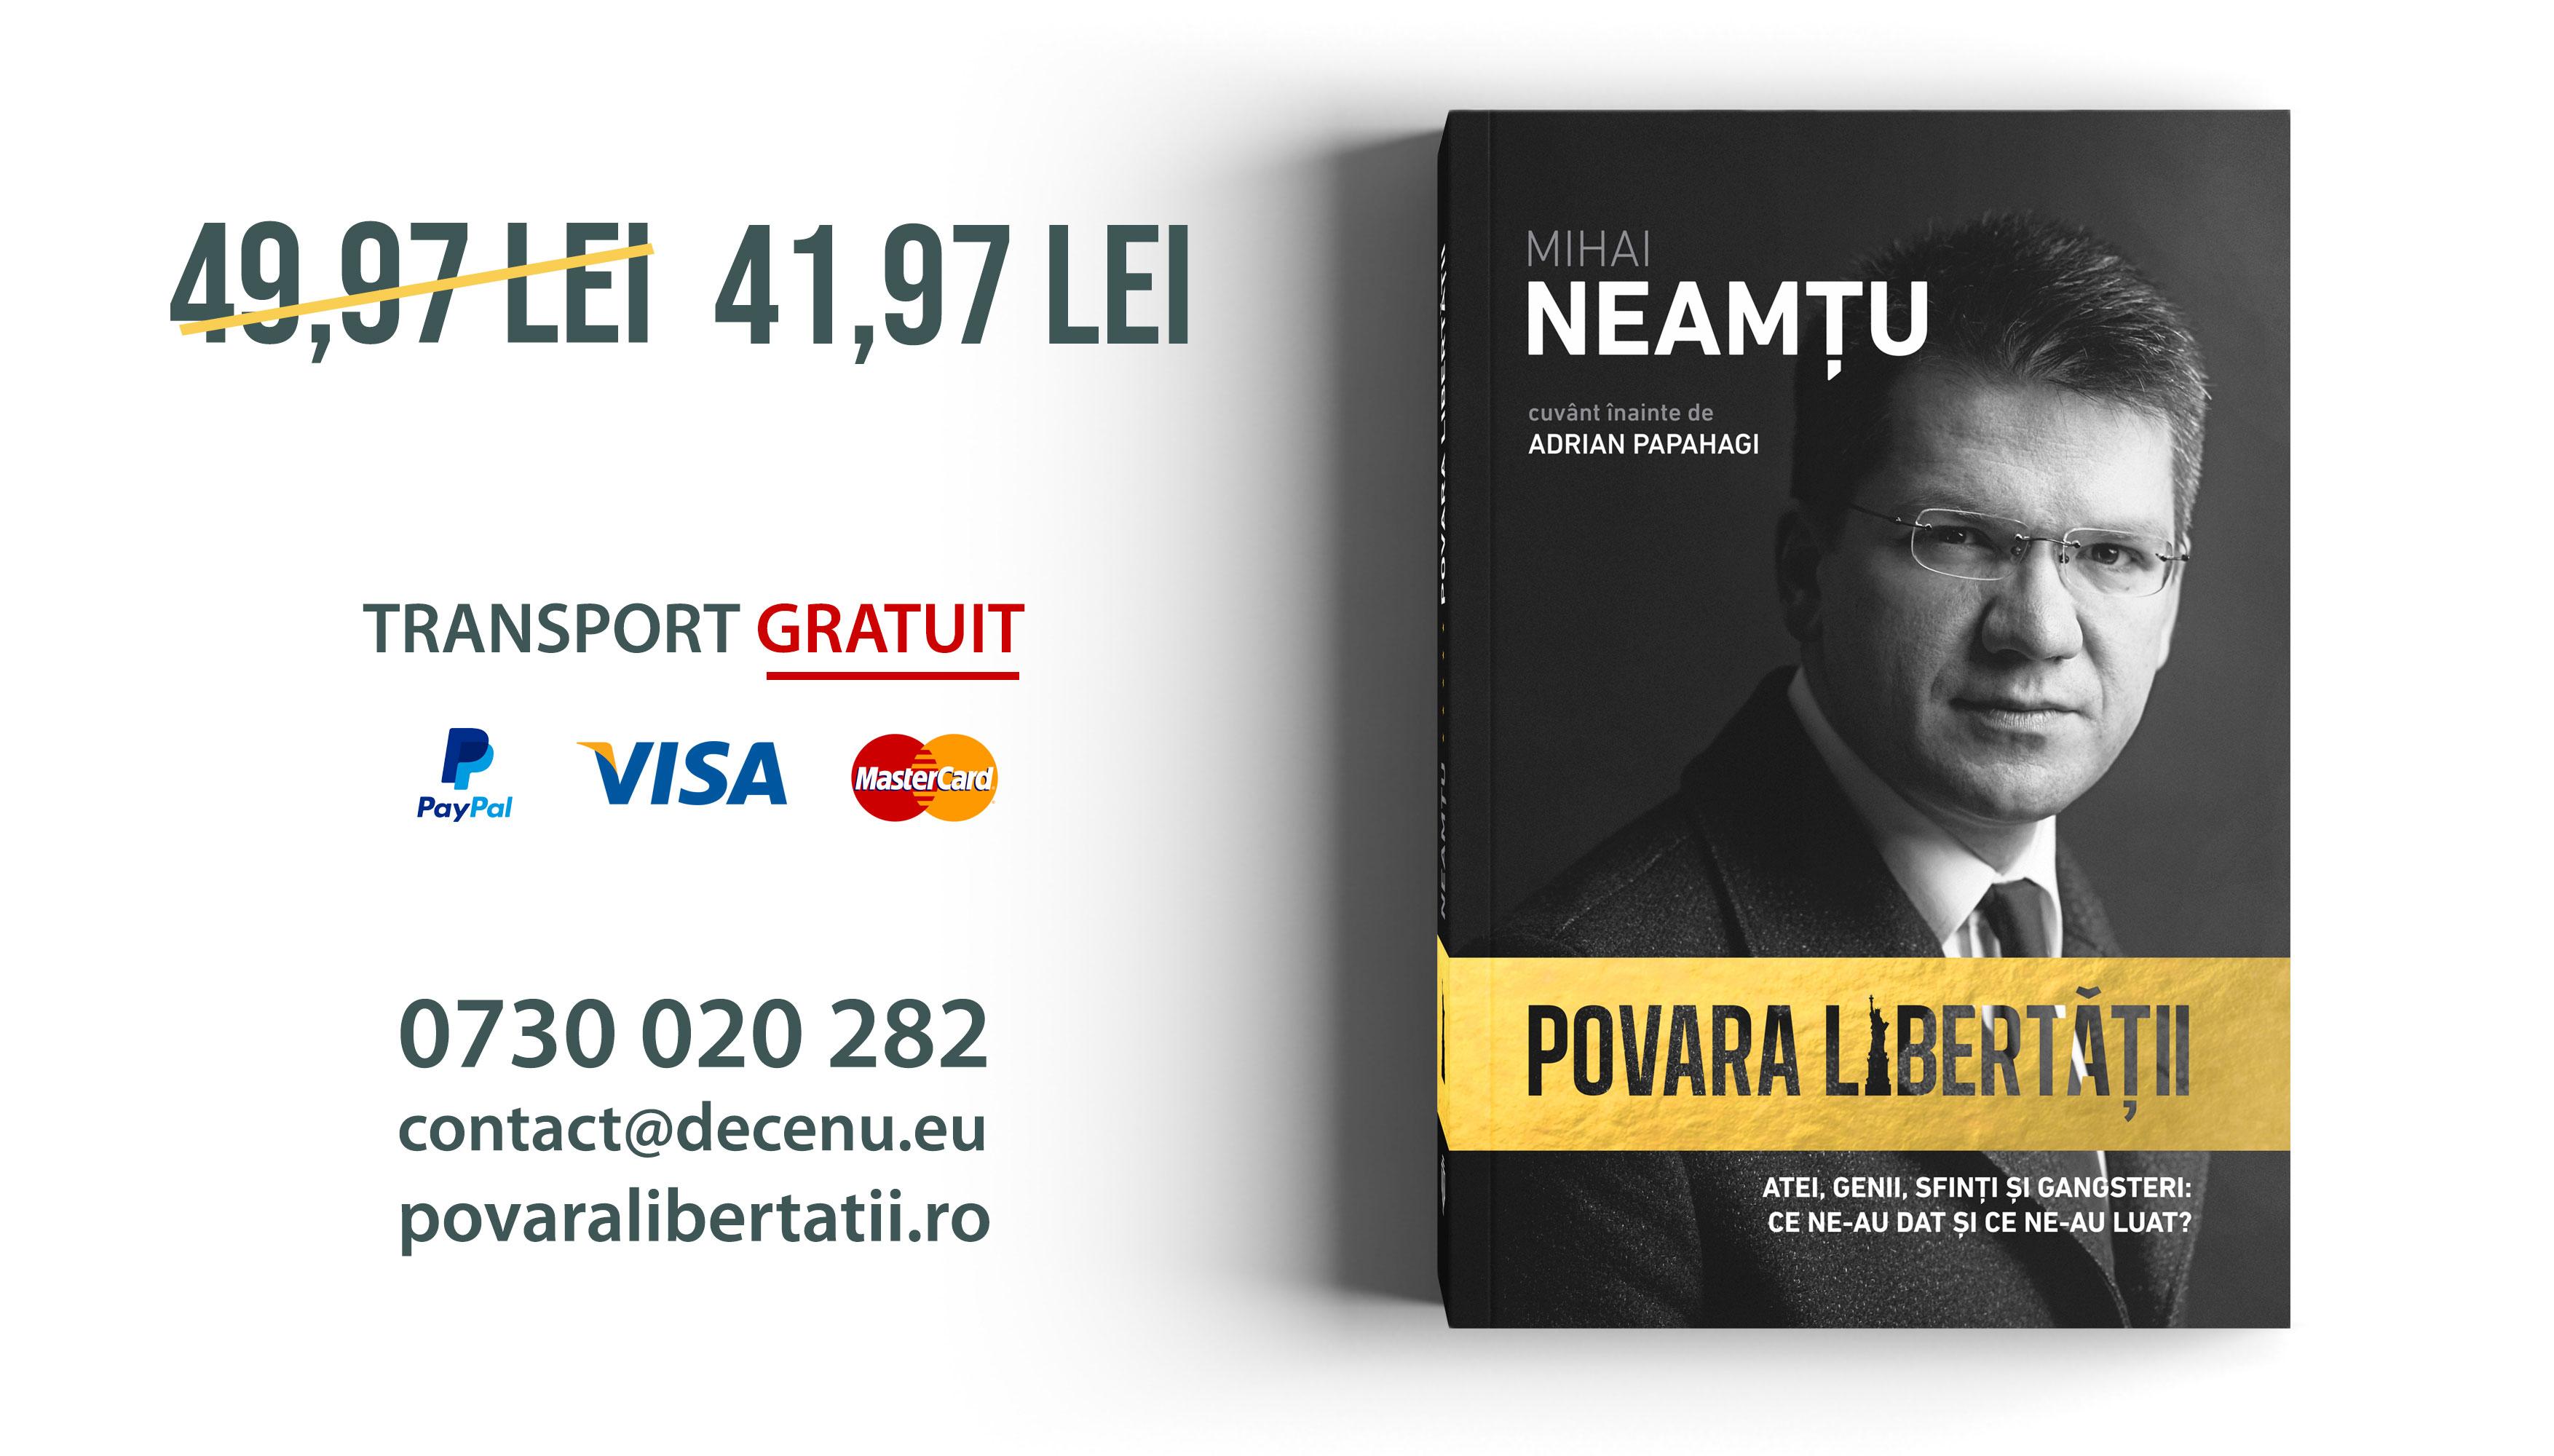 Povara Libertatii, Mihai Neamtu, Ofertă precomandă